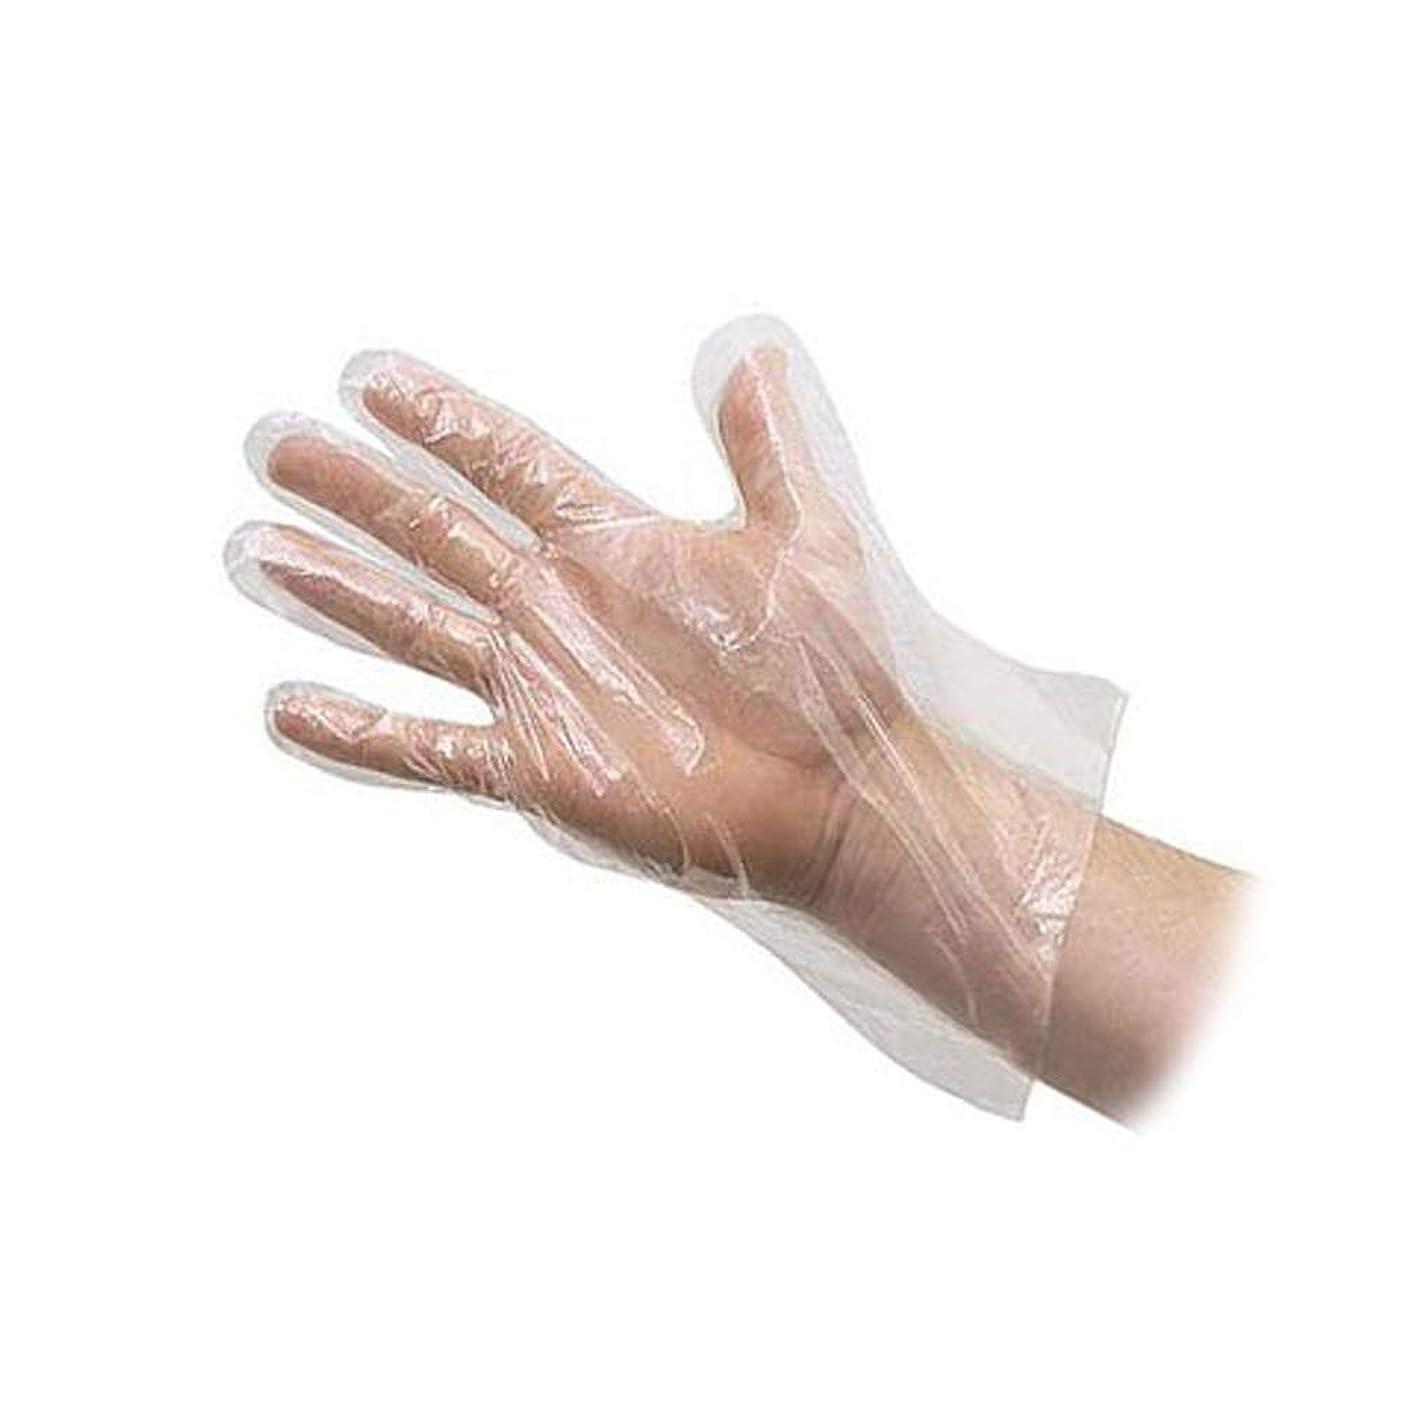 男らしい師匠マラドロイト(デマ―クト)De?markt ポリエチレン 手袋 使い捨て手袋 カタエンボス 調理用 食品 プラスチック ホワイト 粉なし 食品衛生 透明 左右兼用 薄型 ビニール極薄手袋 100枚入